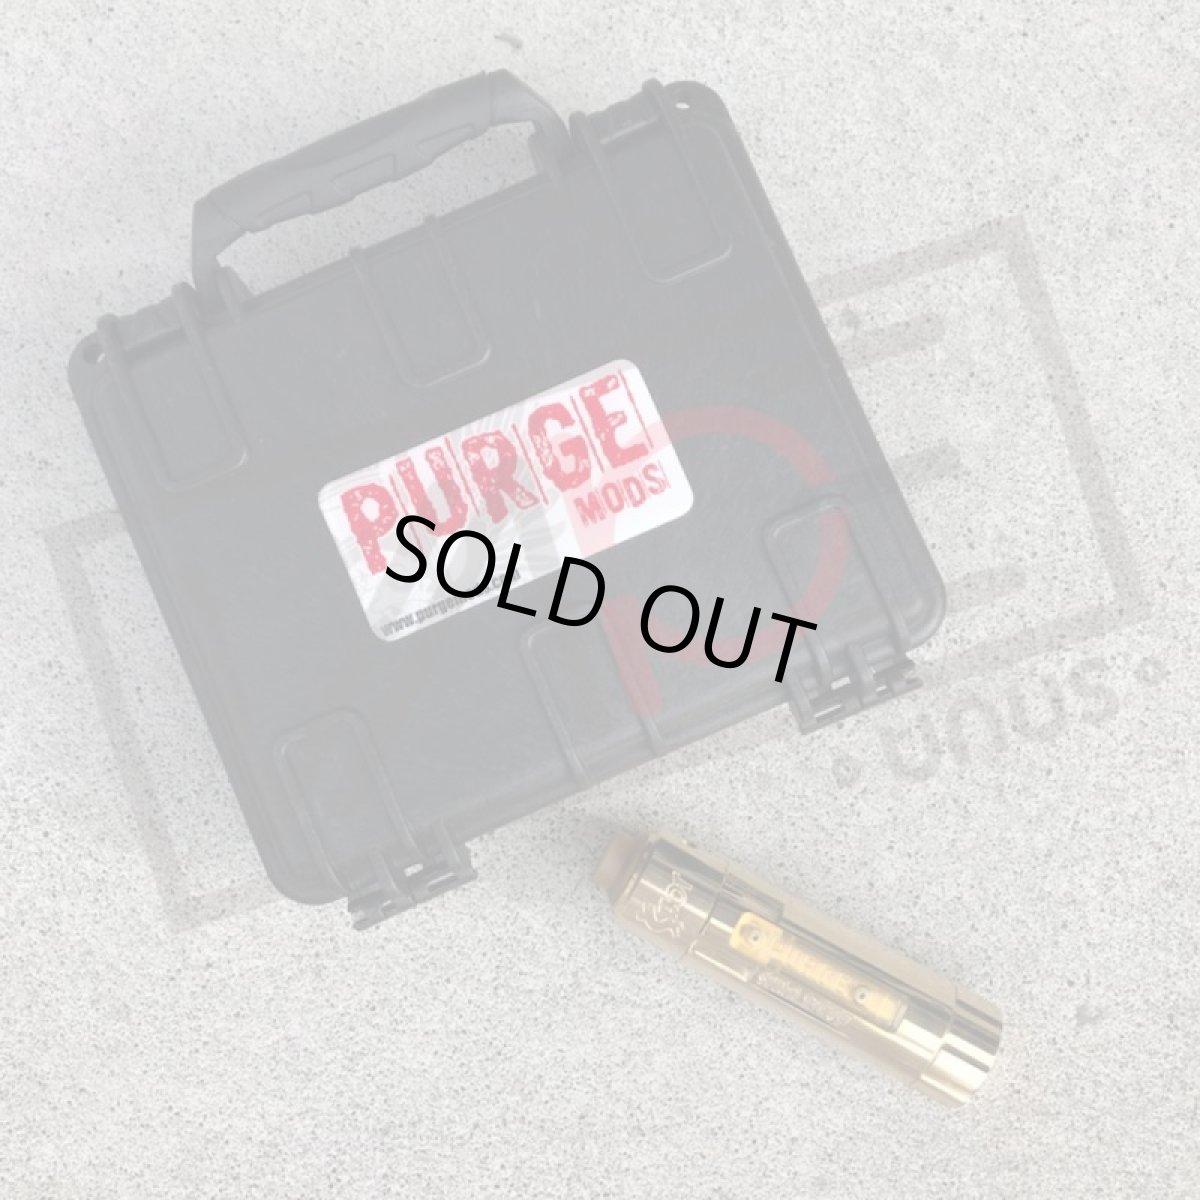 画像1: 《メカニカルMOD》427【PURGE MODS】Slam Piece  MoneyShot 30mm RDAセット MOD【限定300本】 (1)